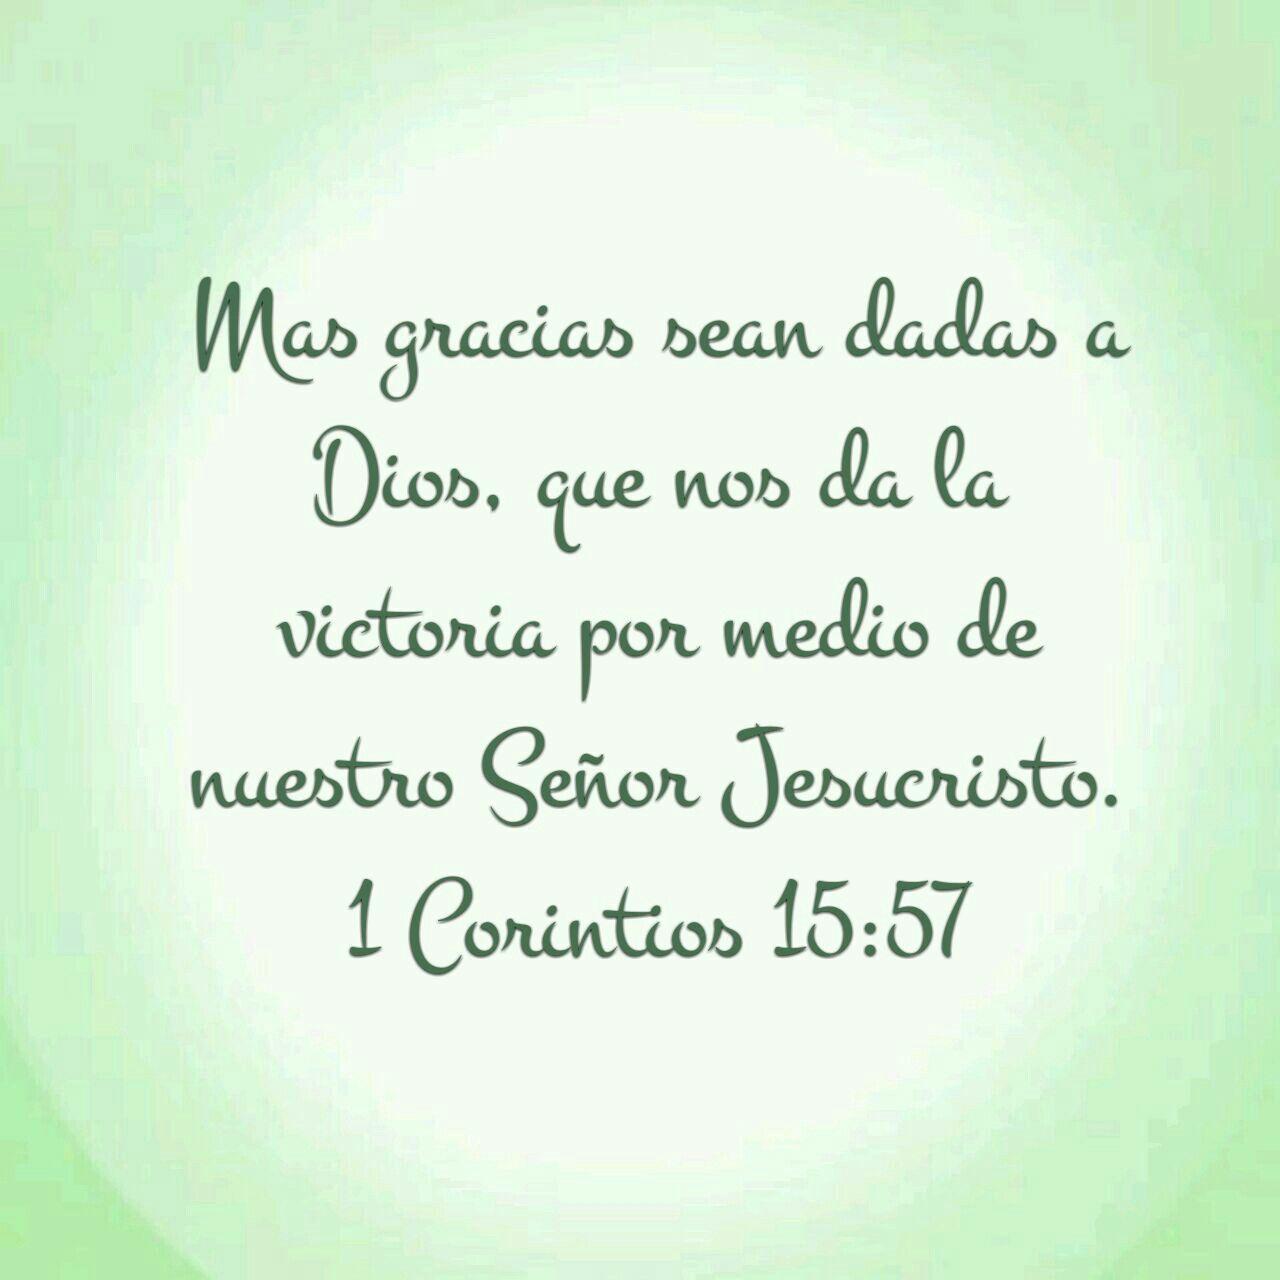 1 Corintios 15:57